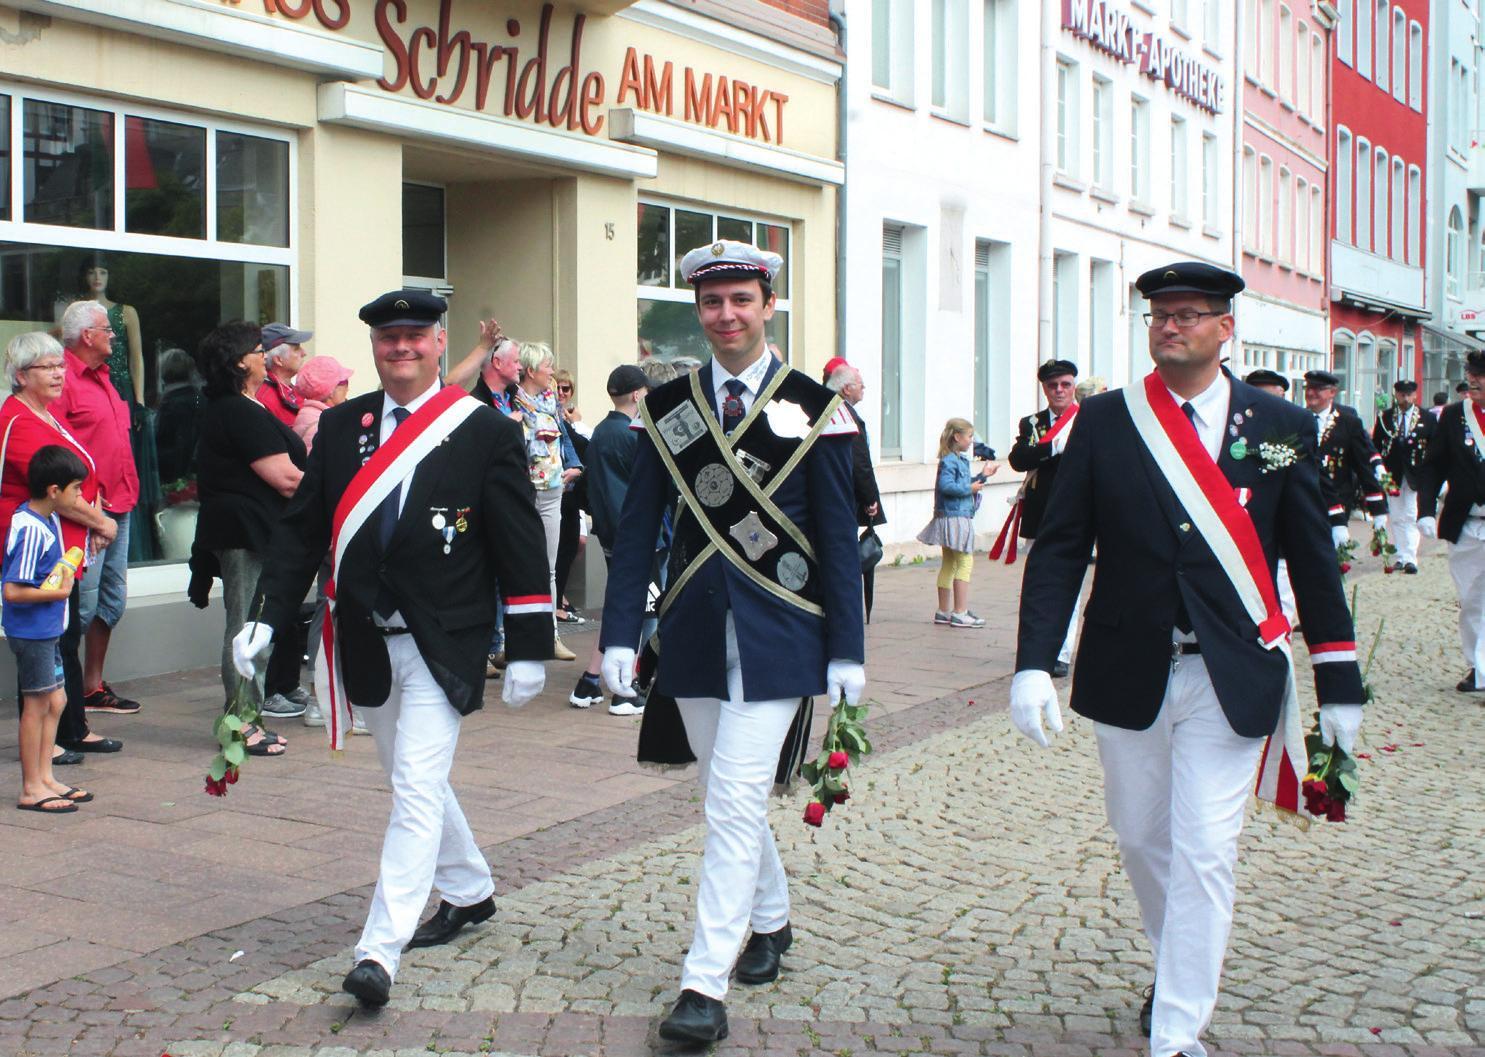 Freischiessen Fotoheft - Juli 2019 - III. Image 7